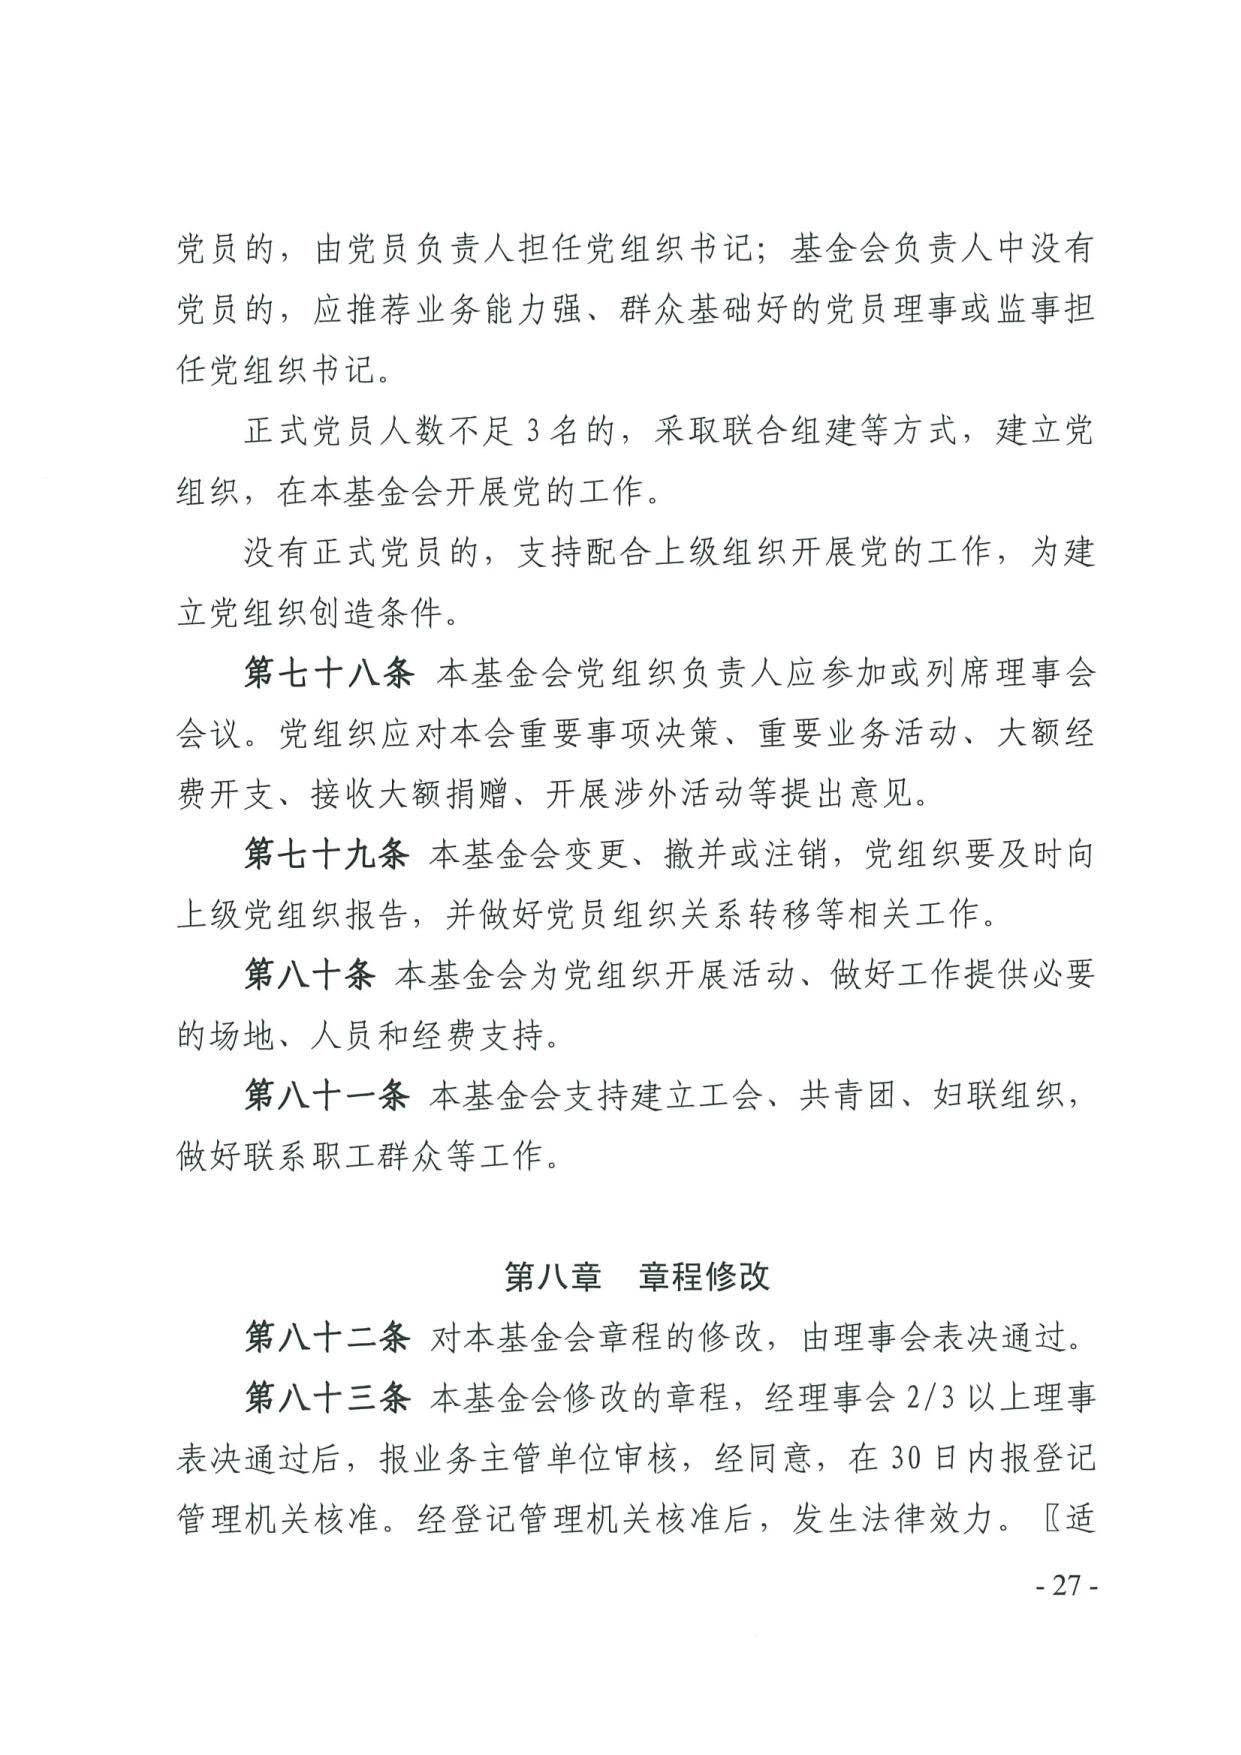 广东省民政厅关于印发《广东省基金会章程示范文本》的通知(4)_27.jpg